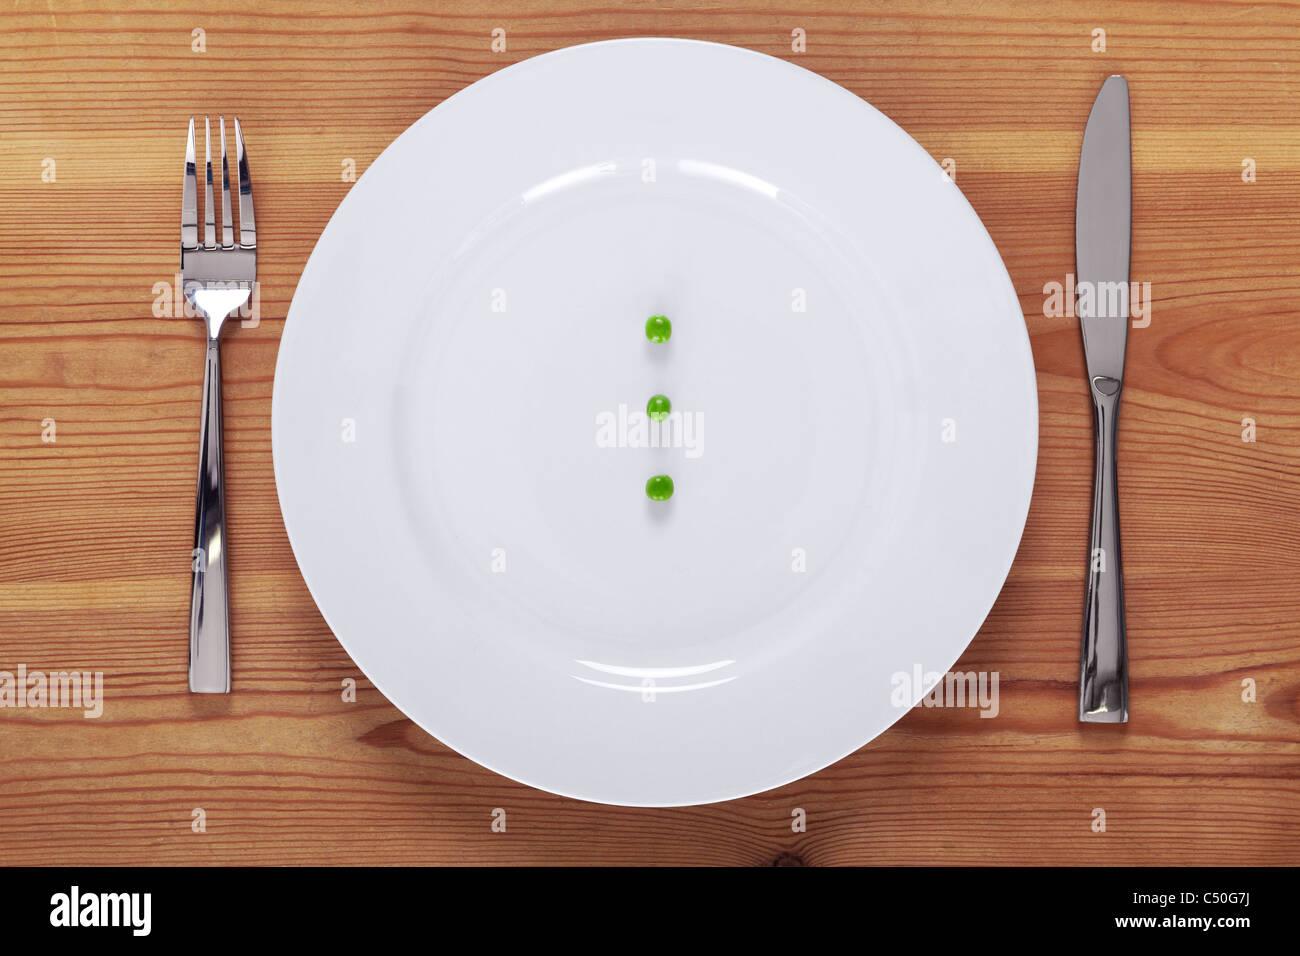 Foto von drei grüne Erbsen auf einem weißen Teller mit Messer und Gabel auf einem rustikalen Holztisch. Stockbild